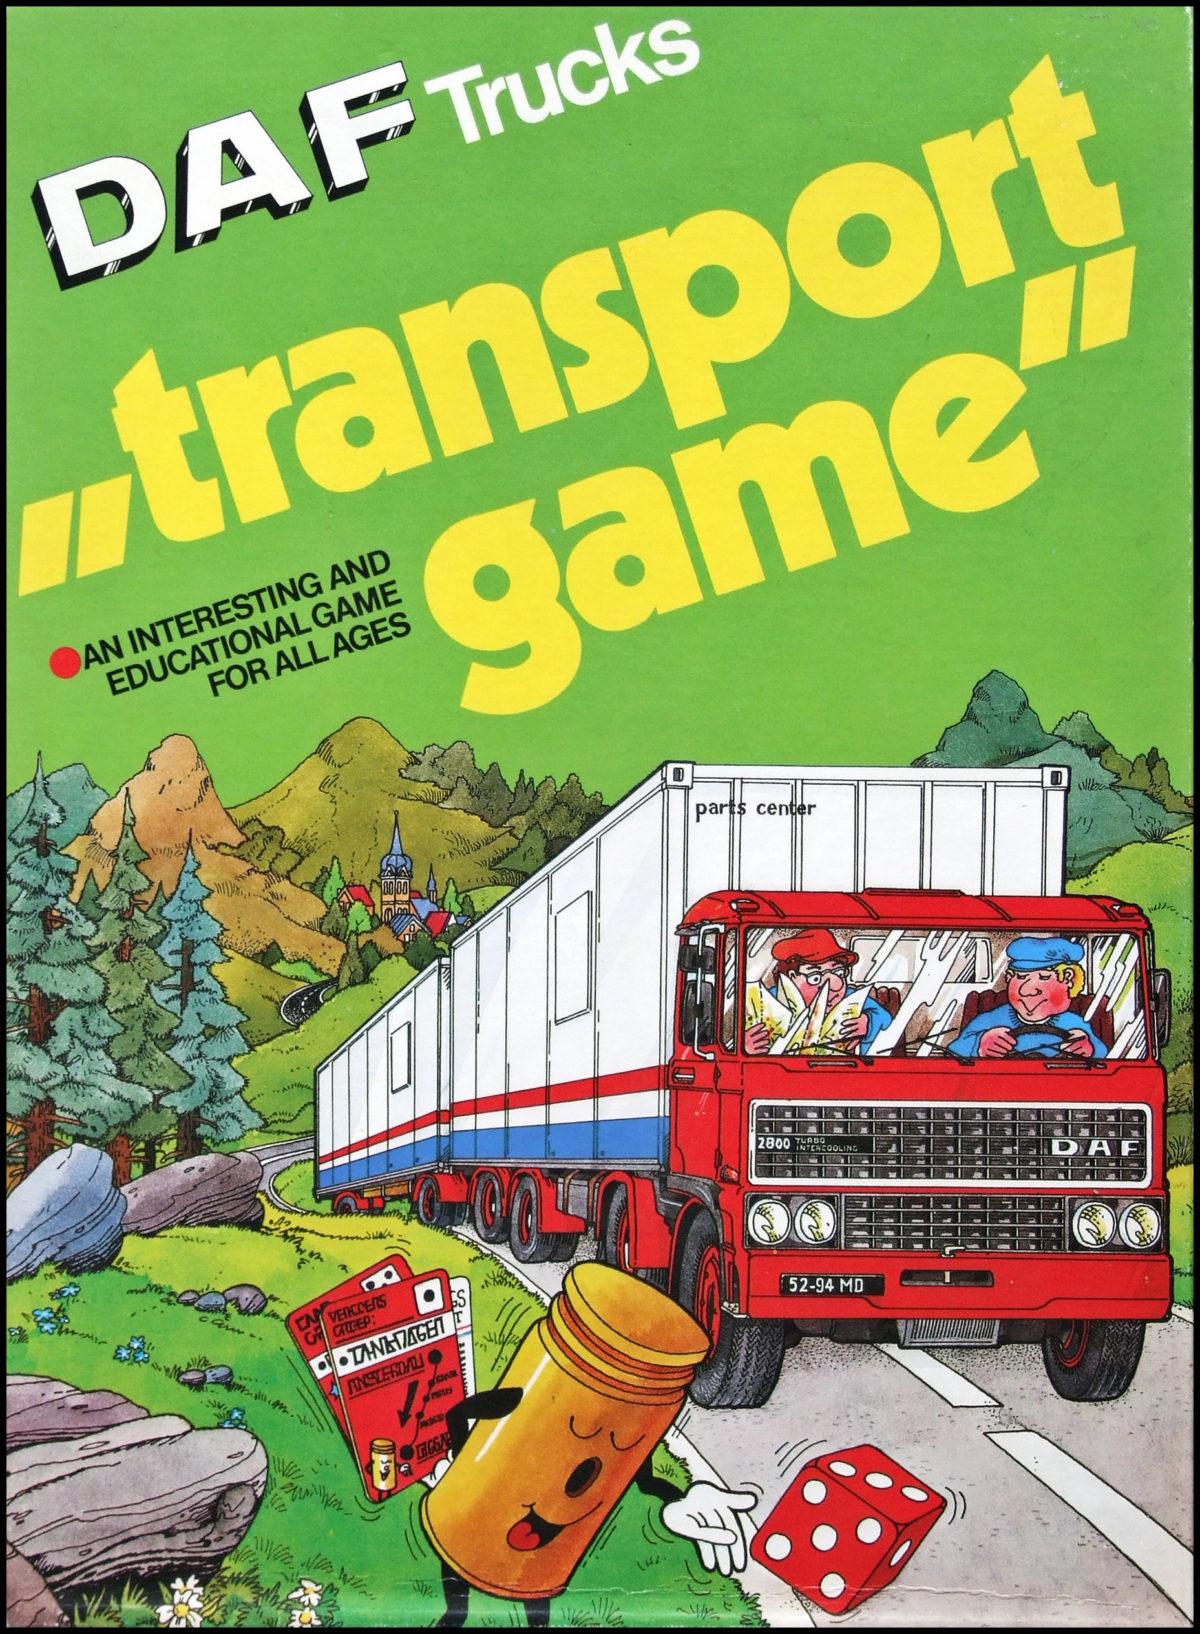 DAF Transport Game - Box Front